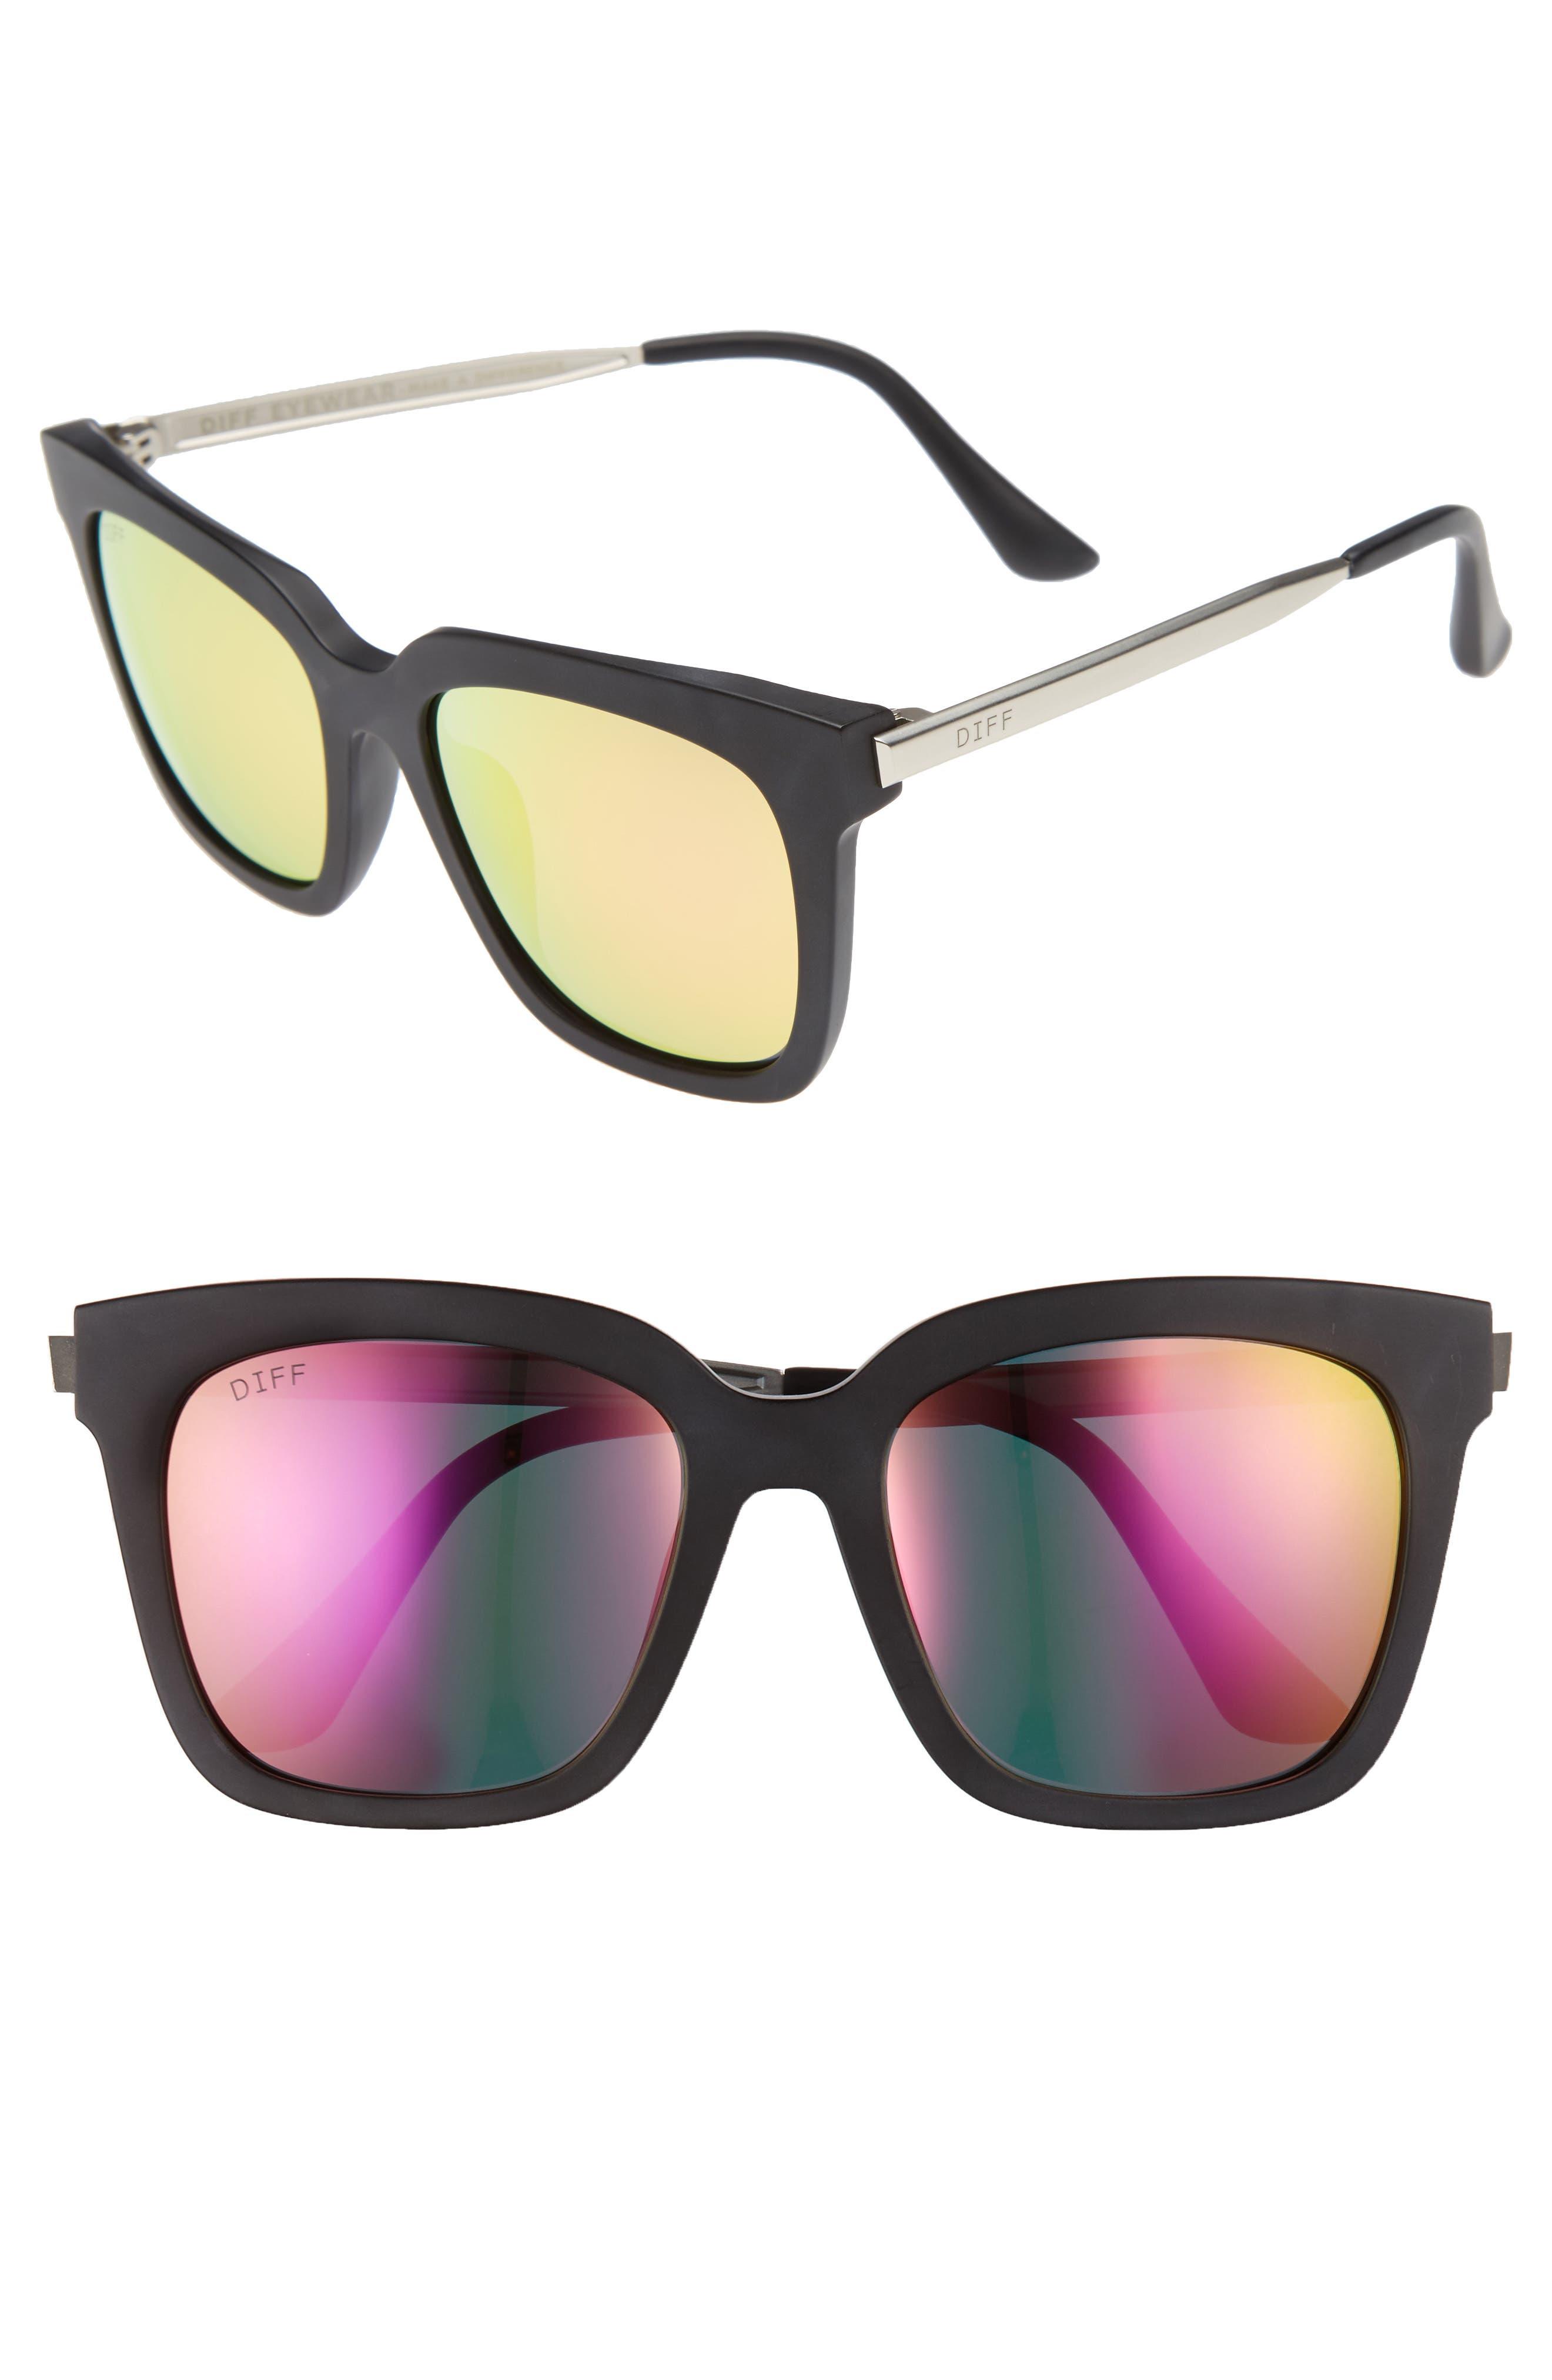 Main Image - DIFF Bella 52mm Polarized Sunglasses